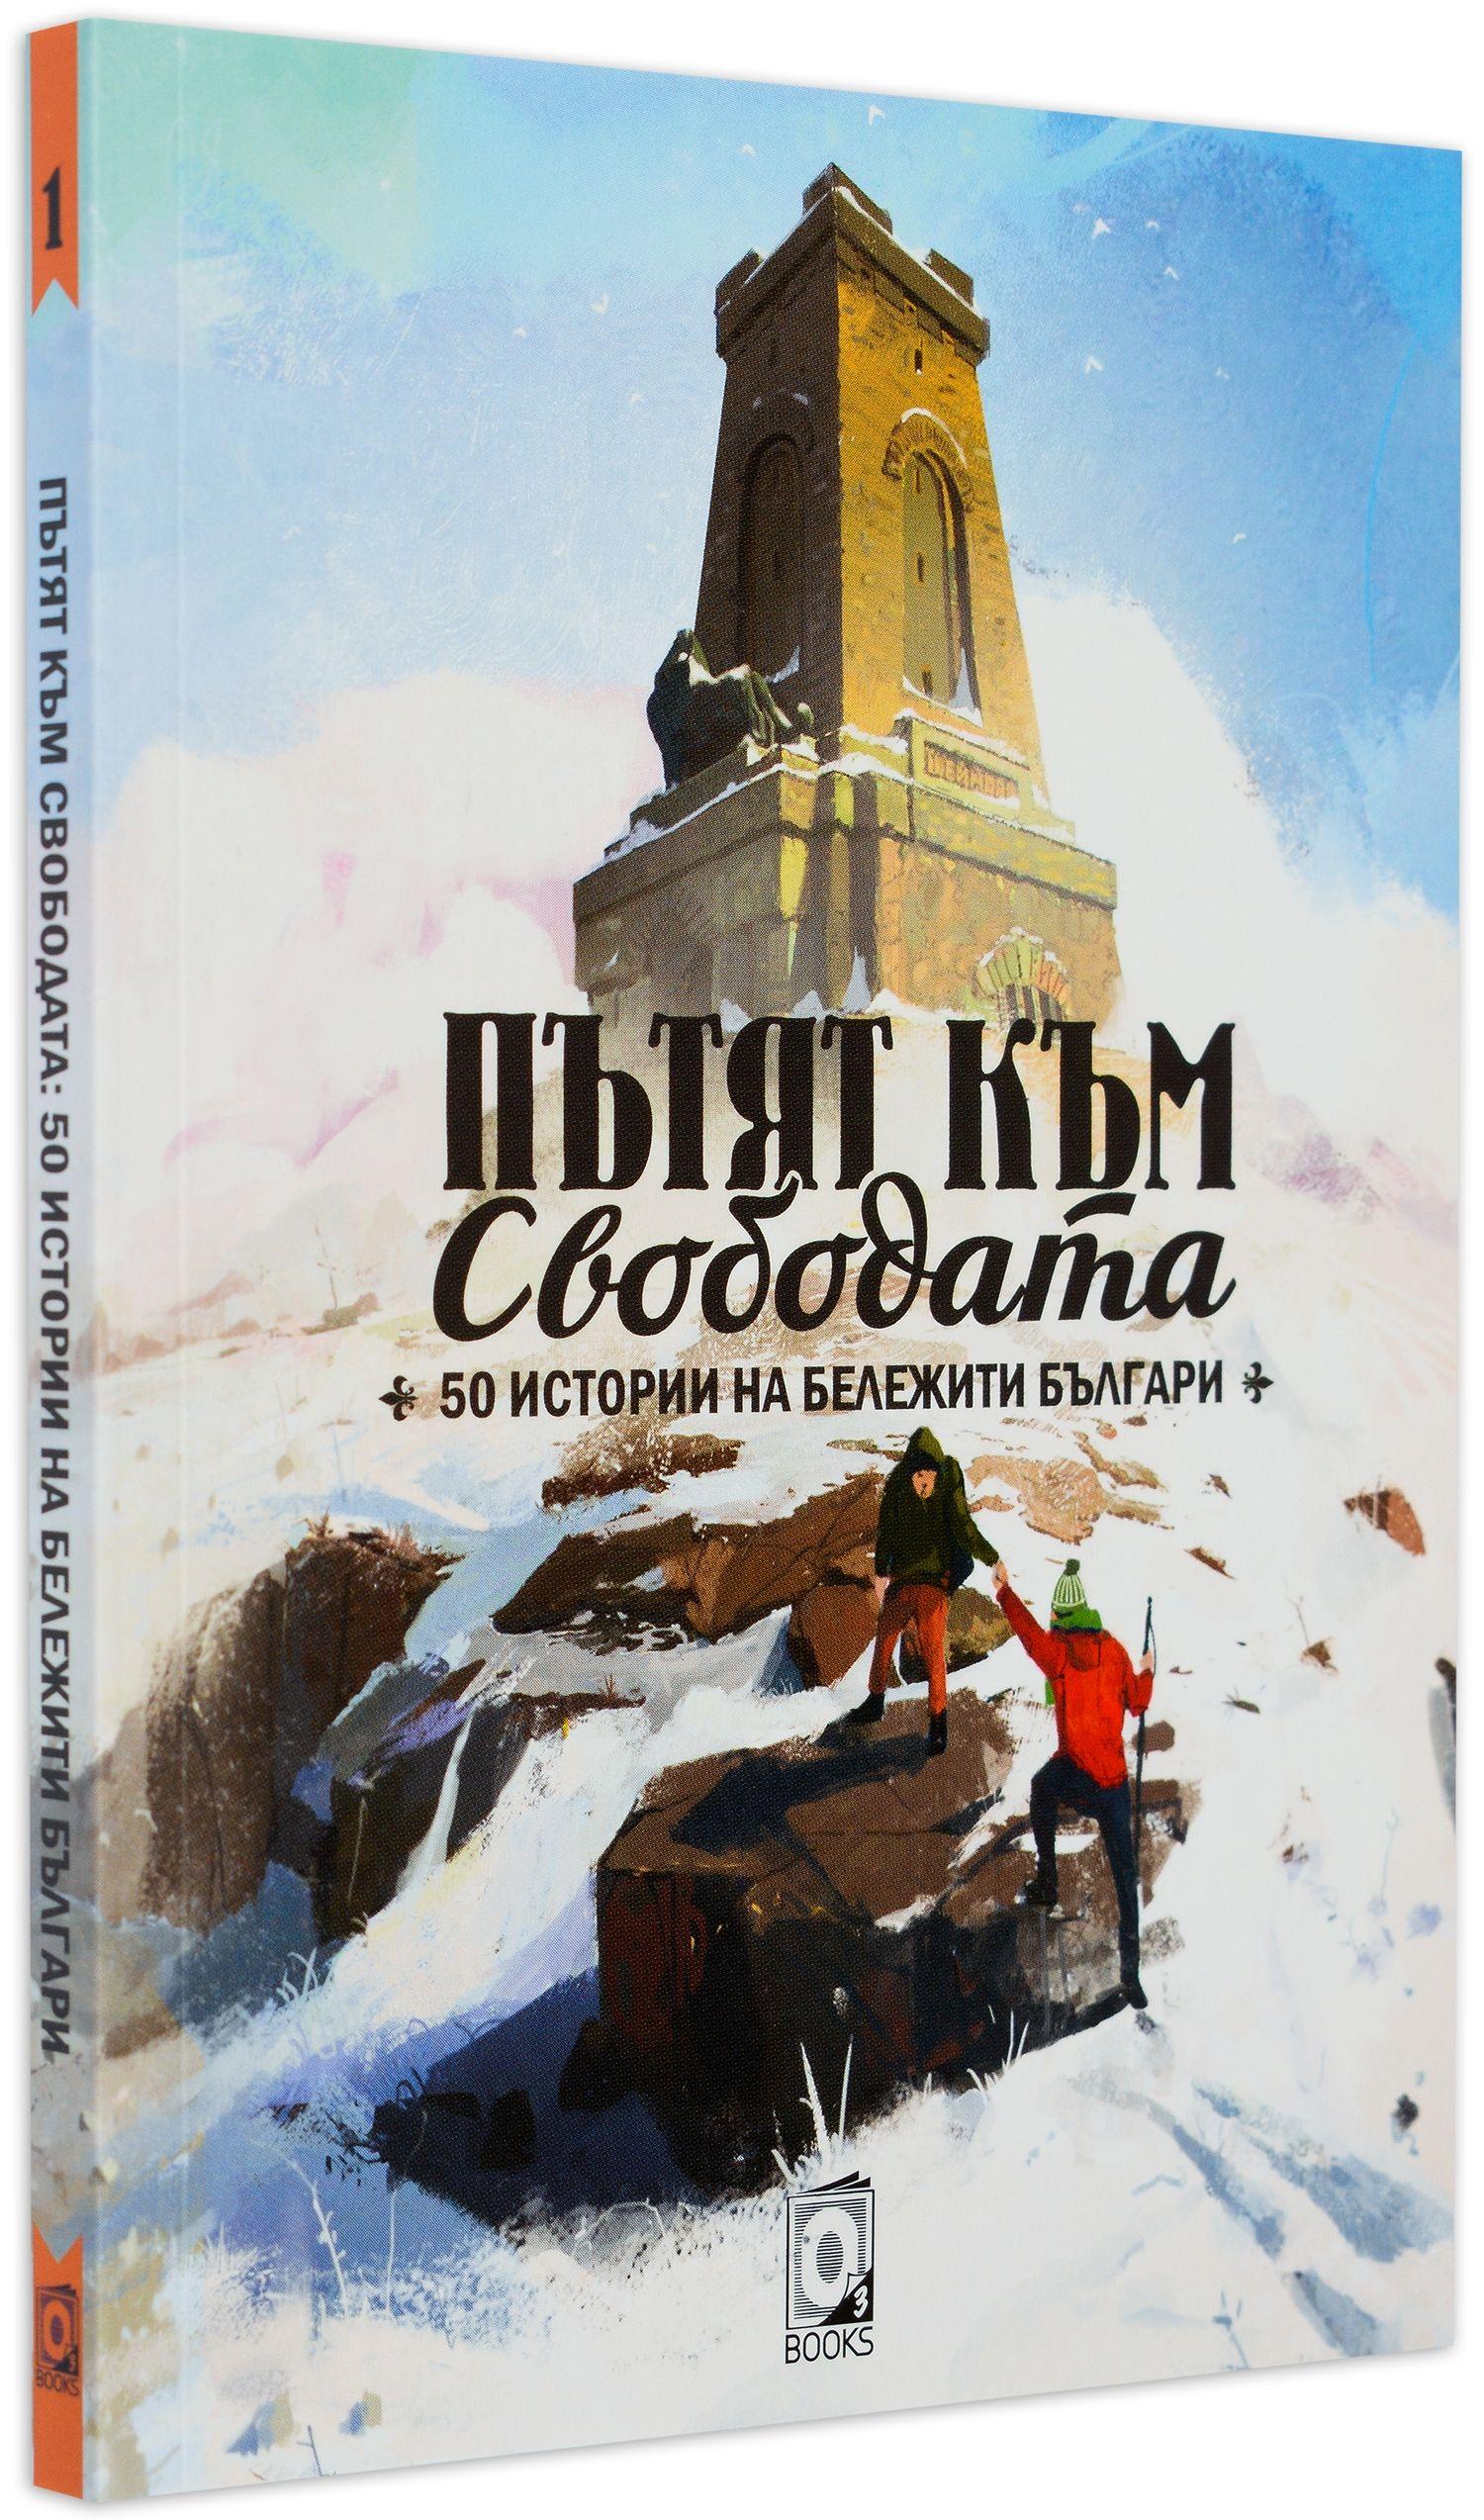 Пътят към свободата. 50 истории на бележити българи - 2